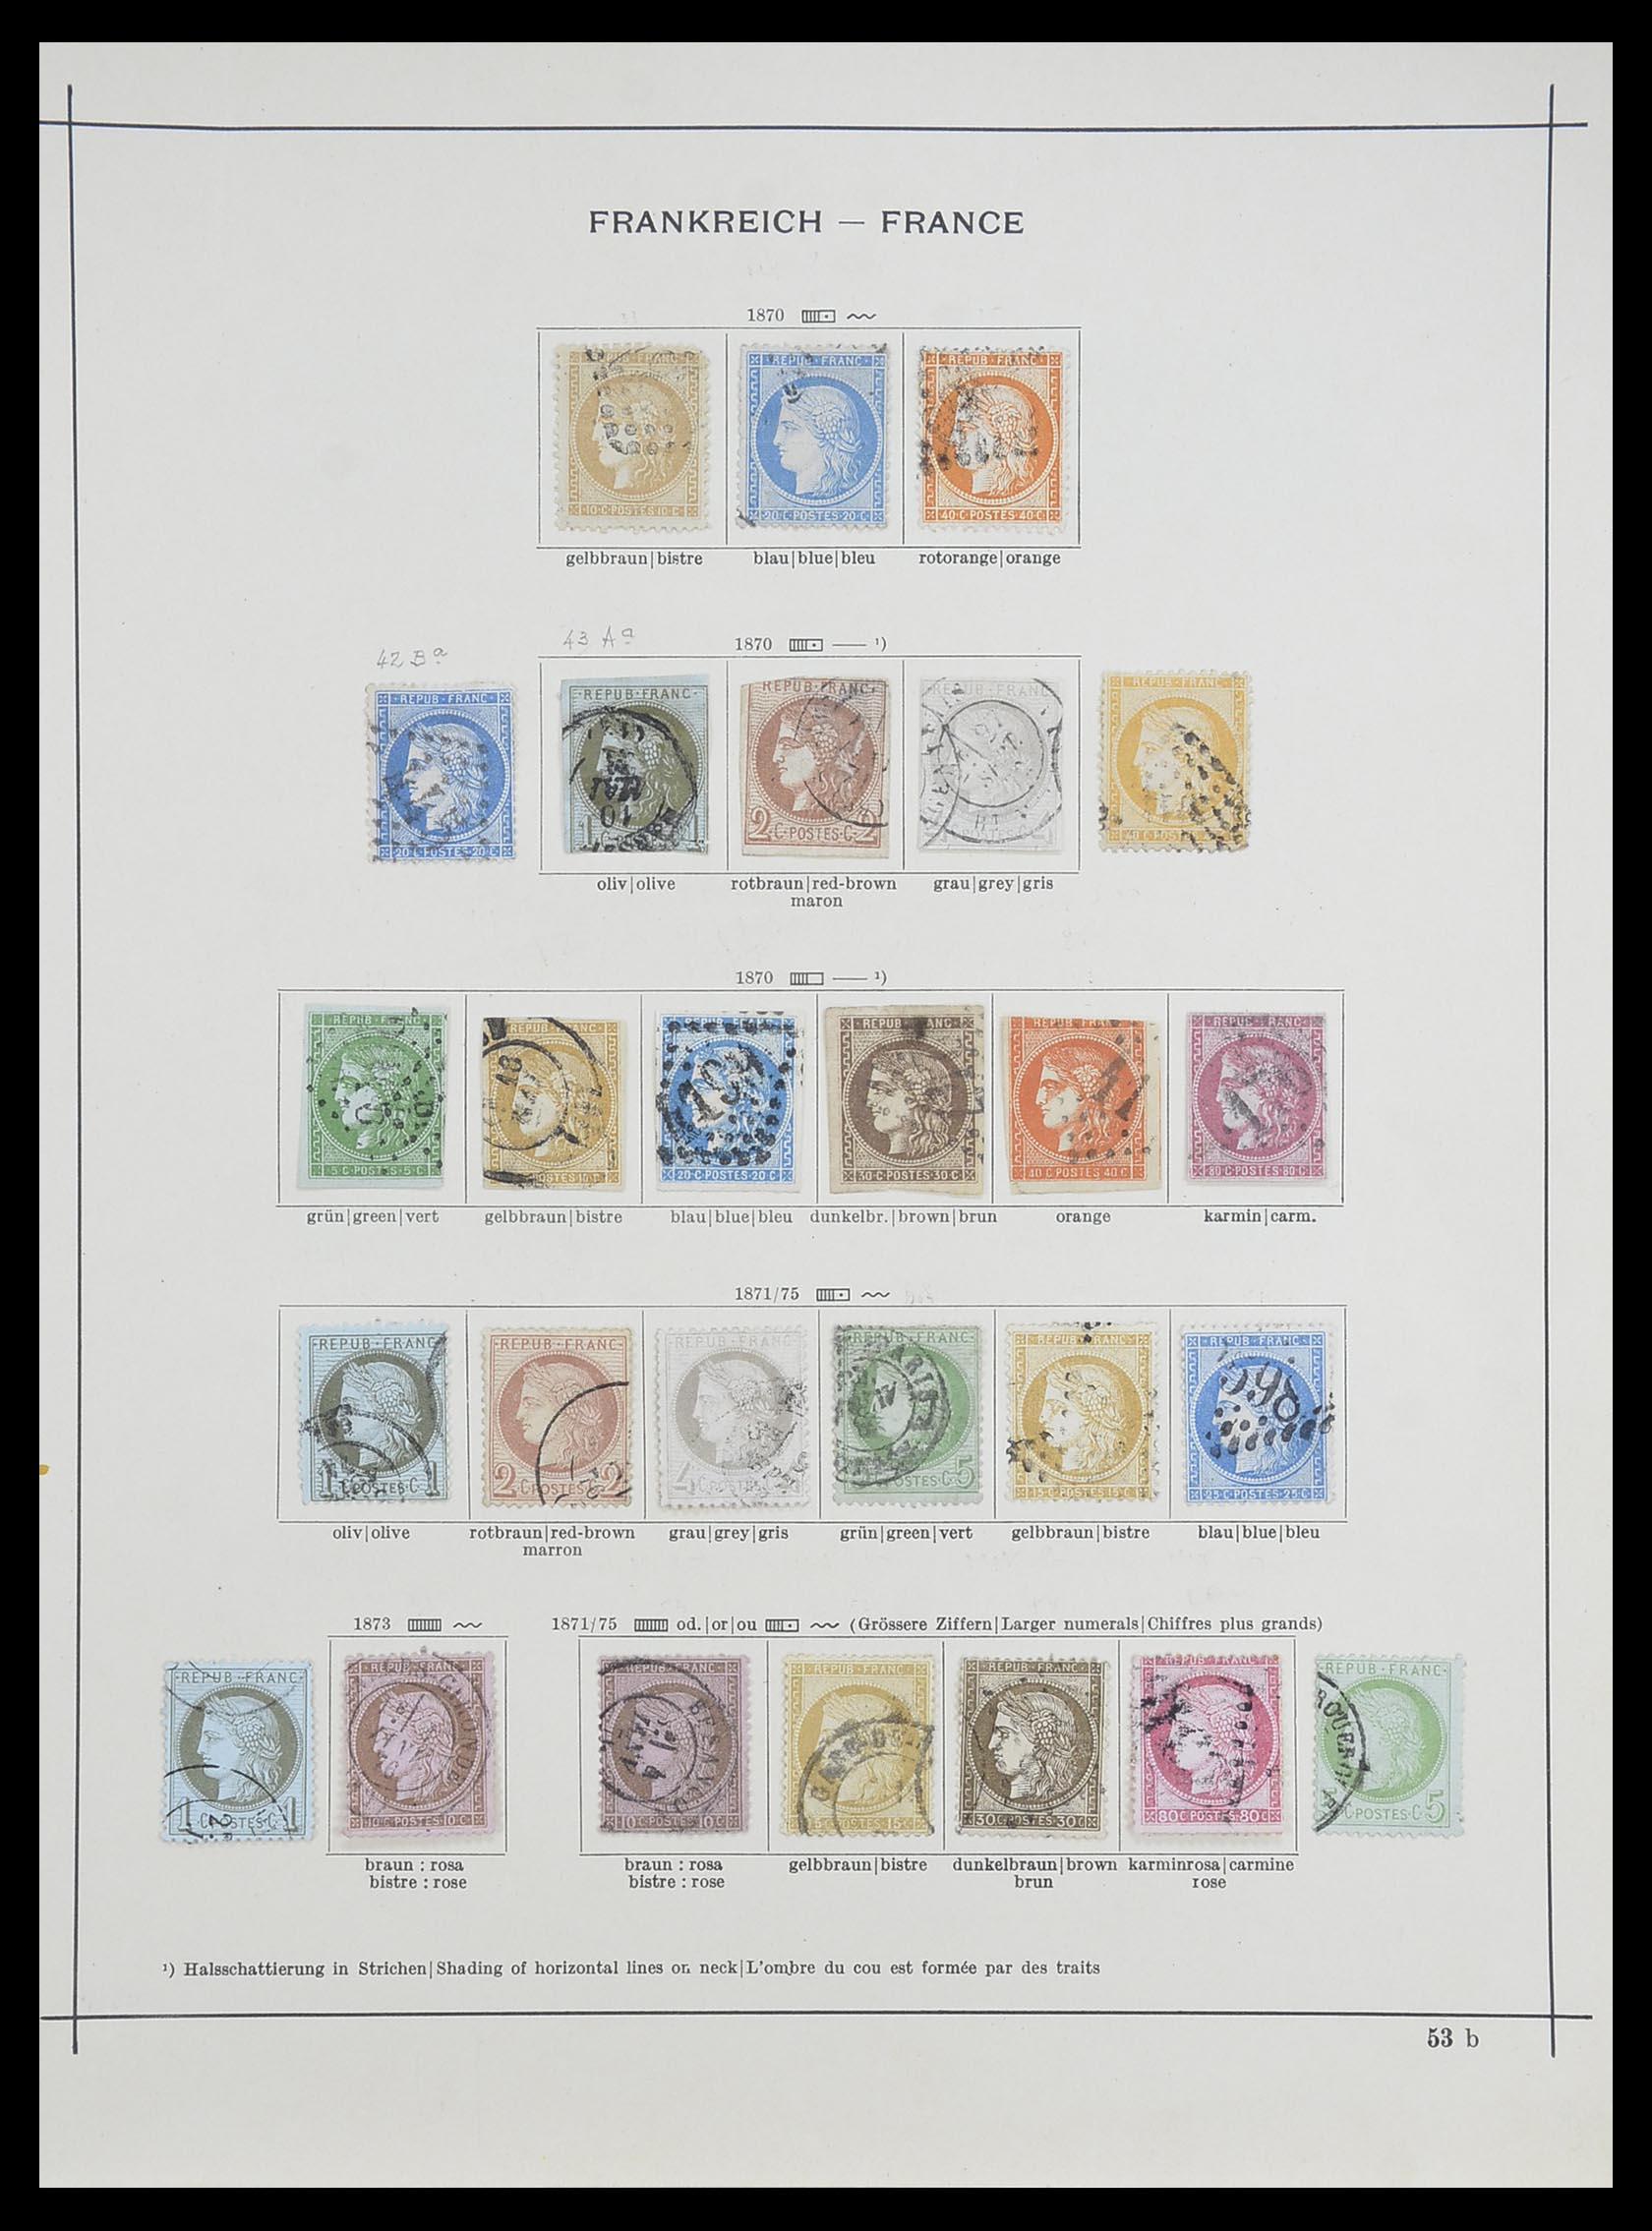 33919 003 - Postzegelverzameling 33919 Frankrijk 1849-1946.